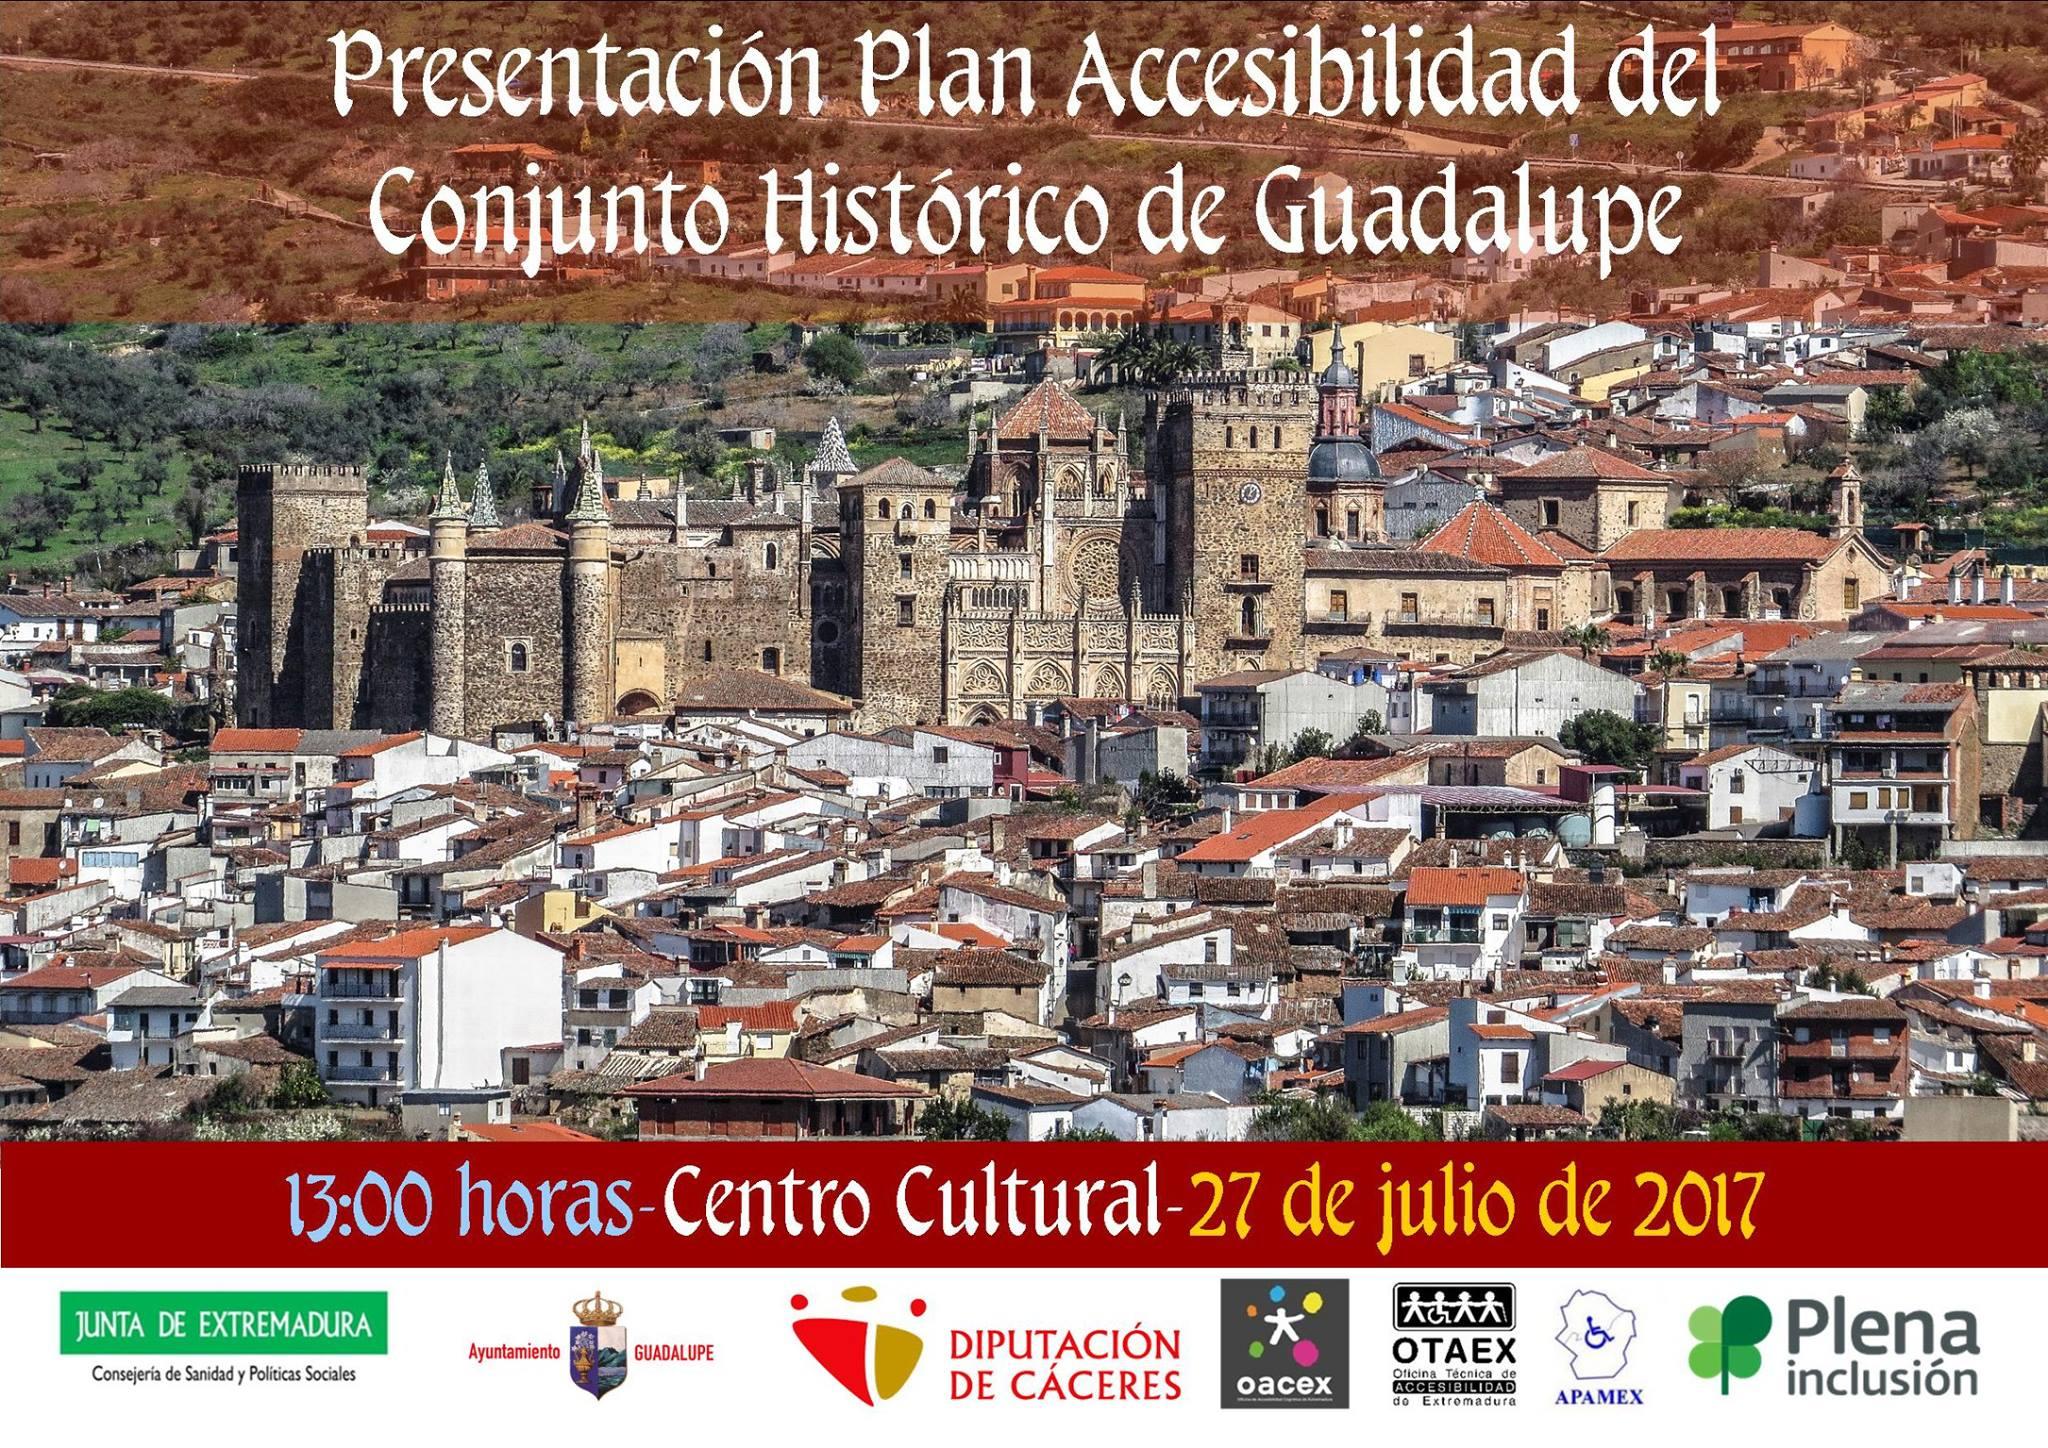 Presentación Plan Accesibilidad del Conjunto Histórico de Guadalupe